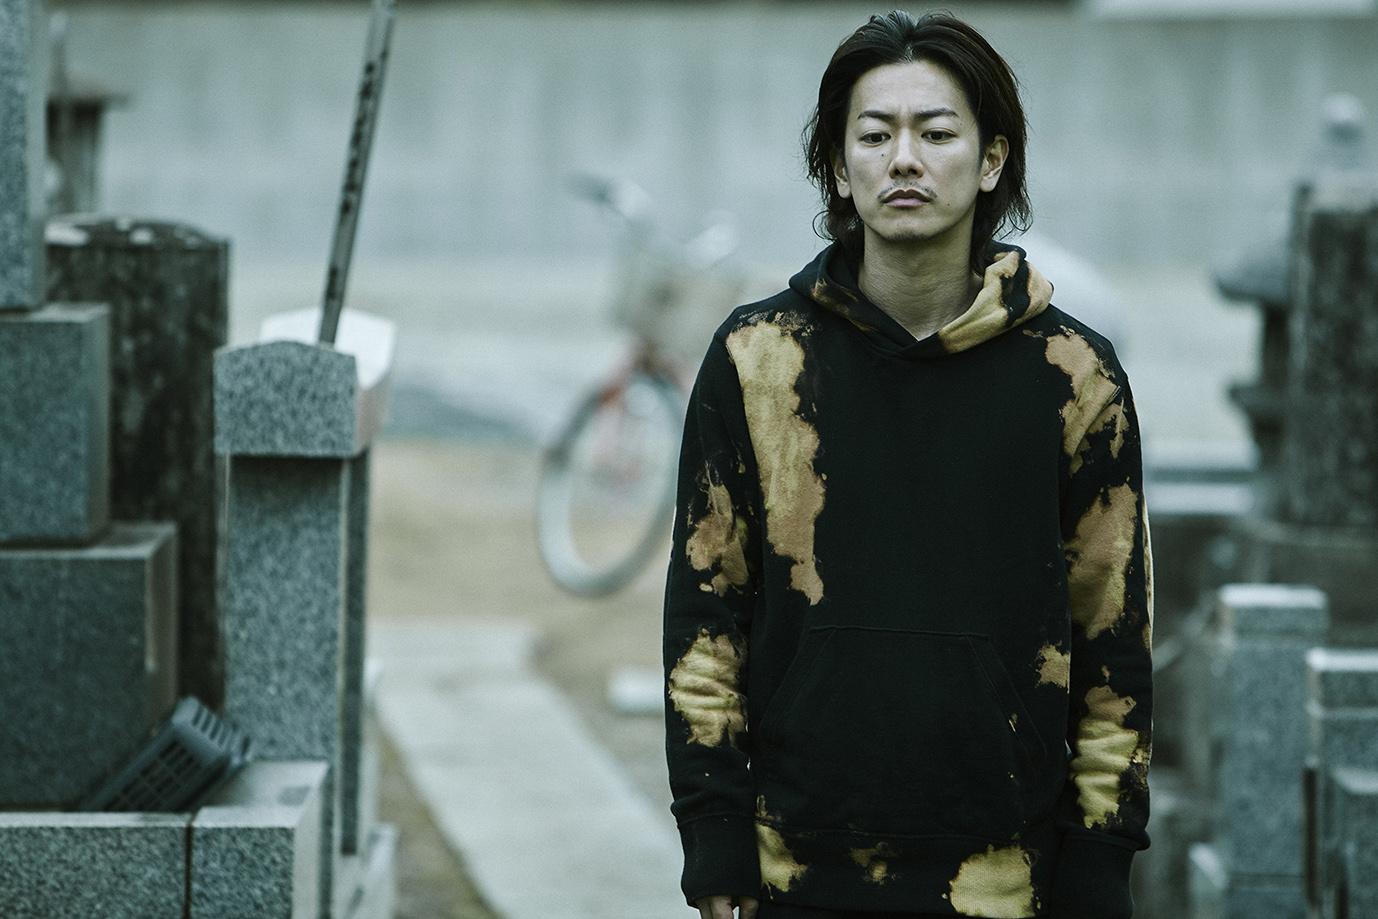 白石和彌:「剛開始看到佐藤健(如圖)會覺得他很酷,但他的熱情完全濃縮在身體裡面,絕對是能夠勝任這個主角的演員。」